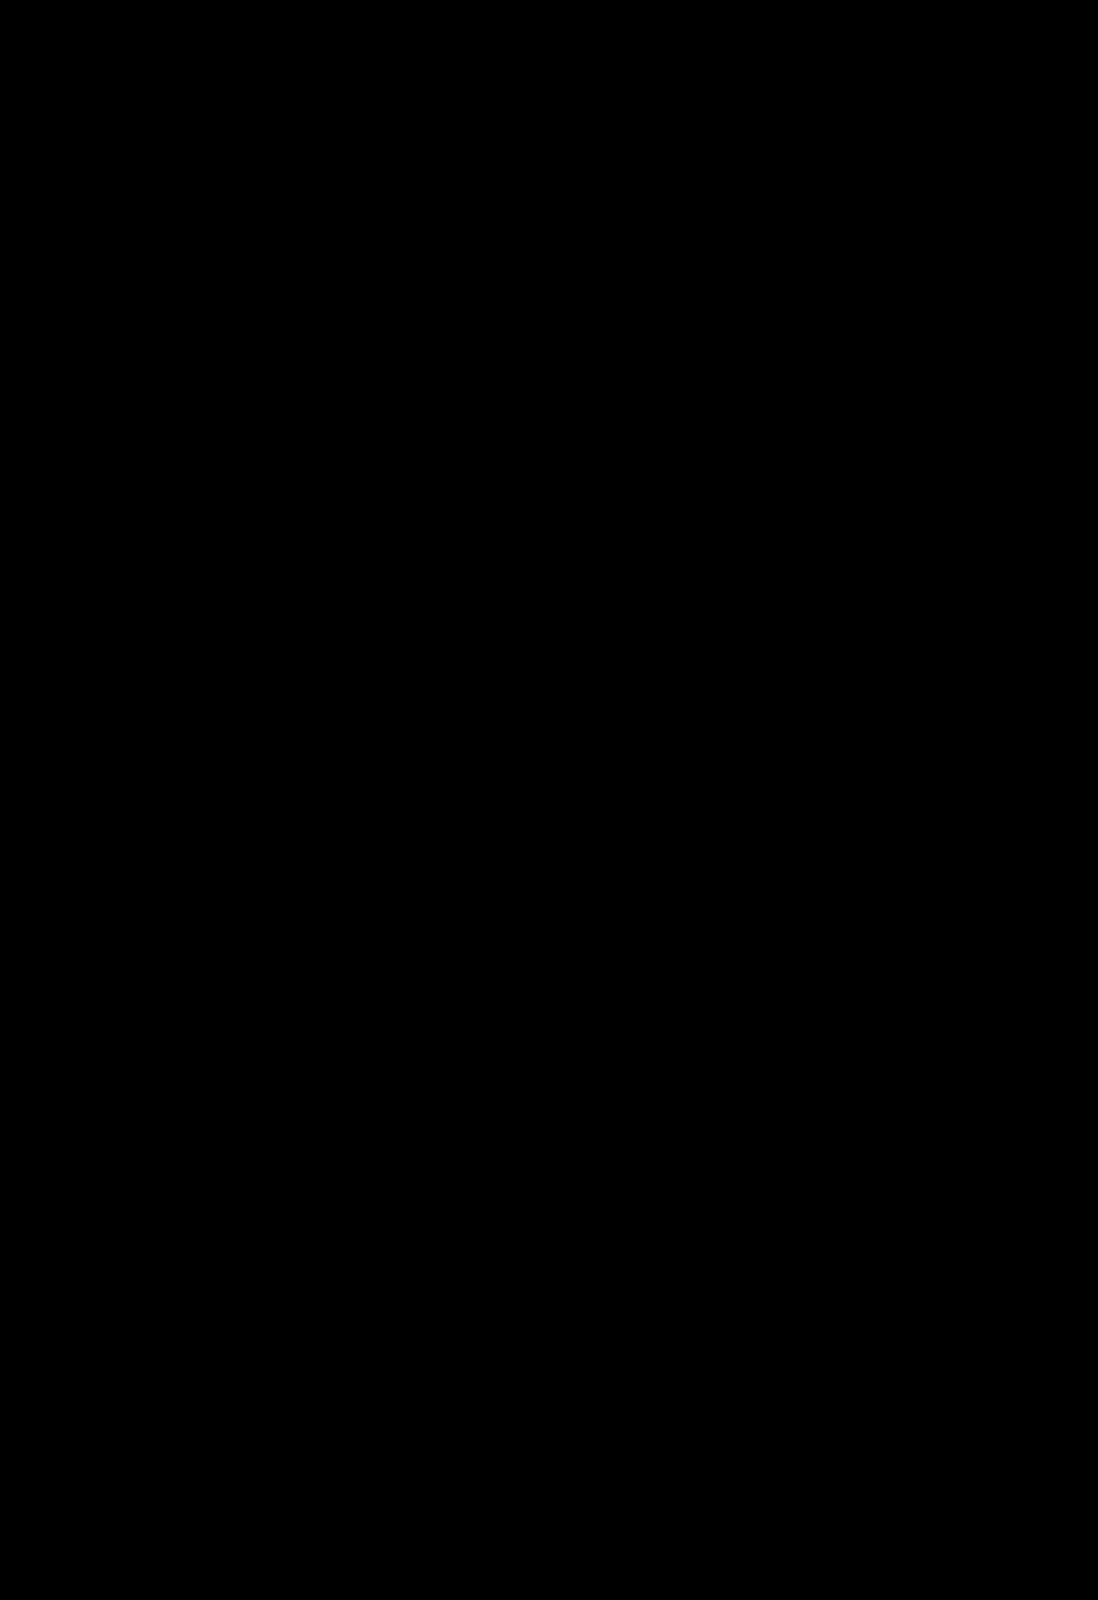 Uchuu Seimeitai Tenga 31